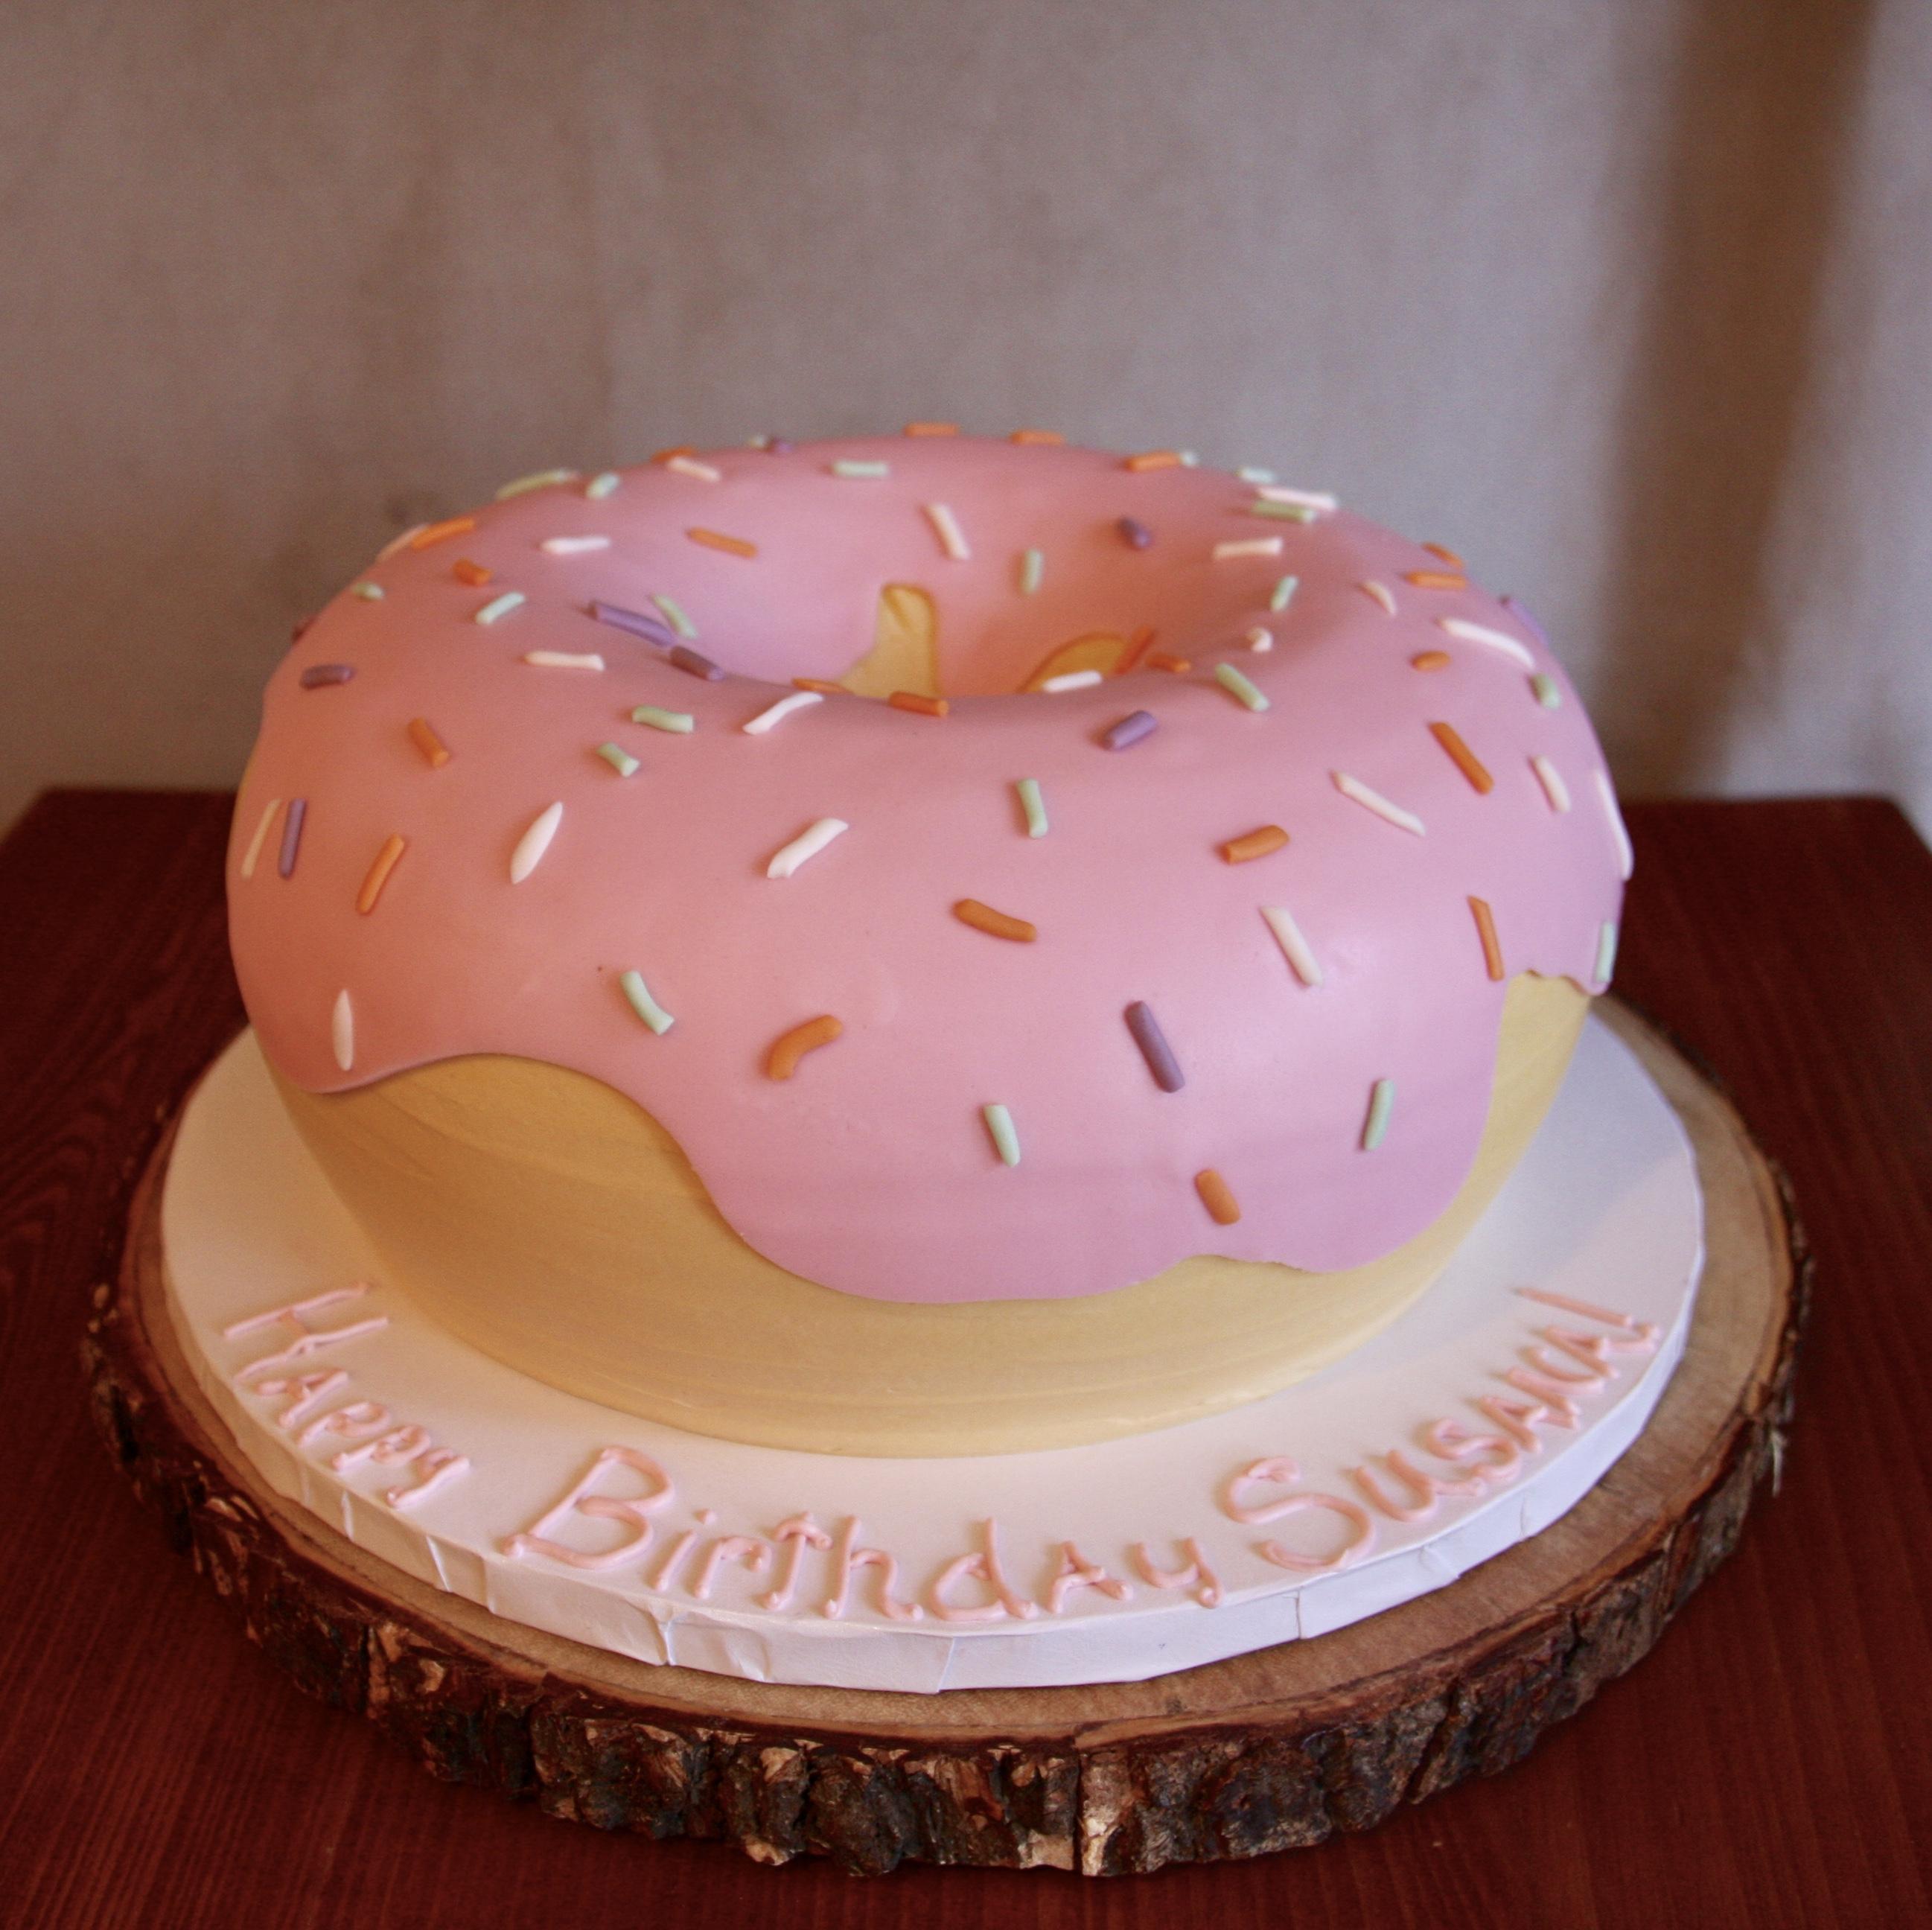 MMM.... Donut